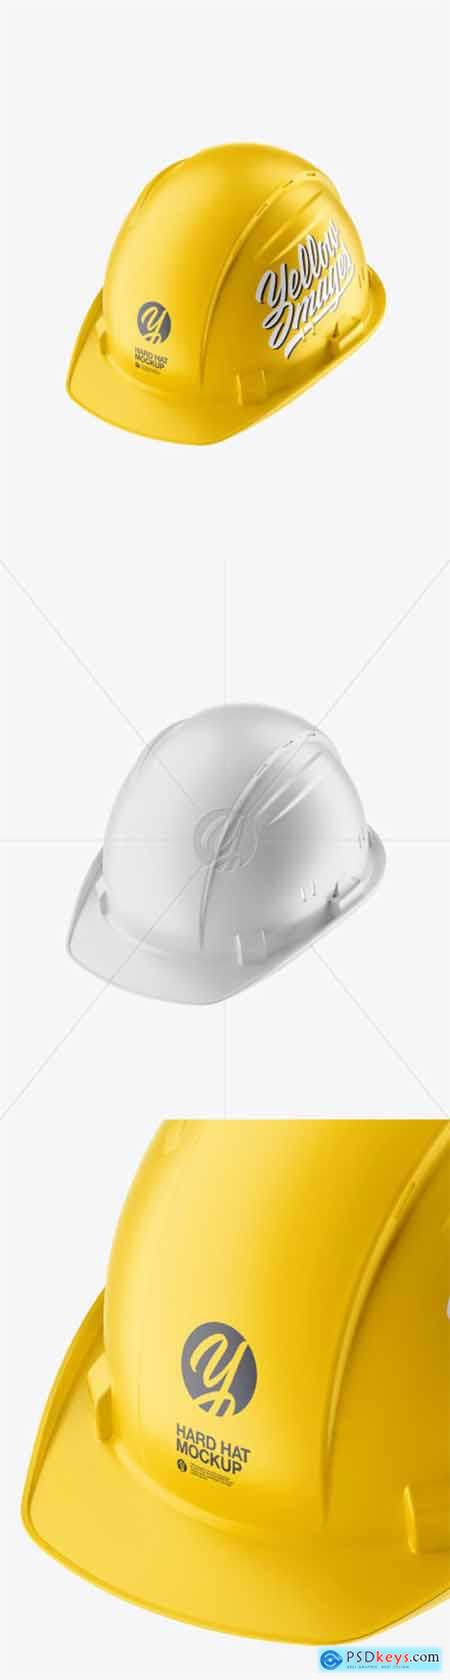 Matte Hard Hat Mockup - Half Side View 51957